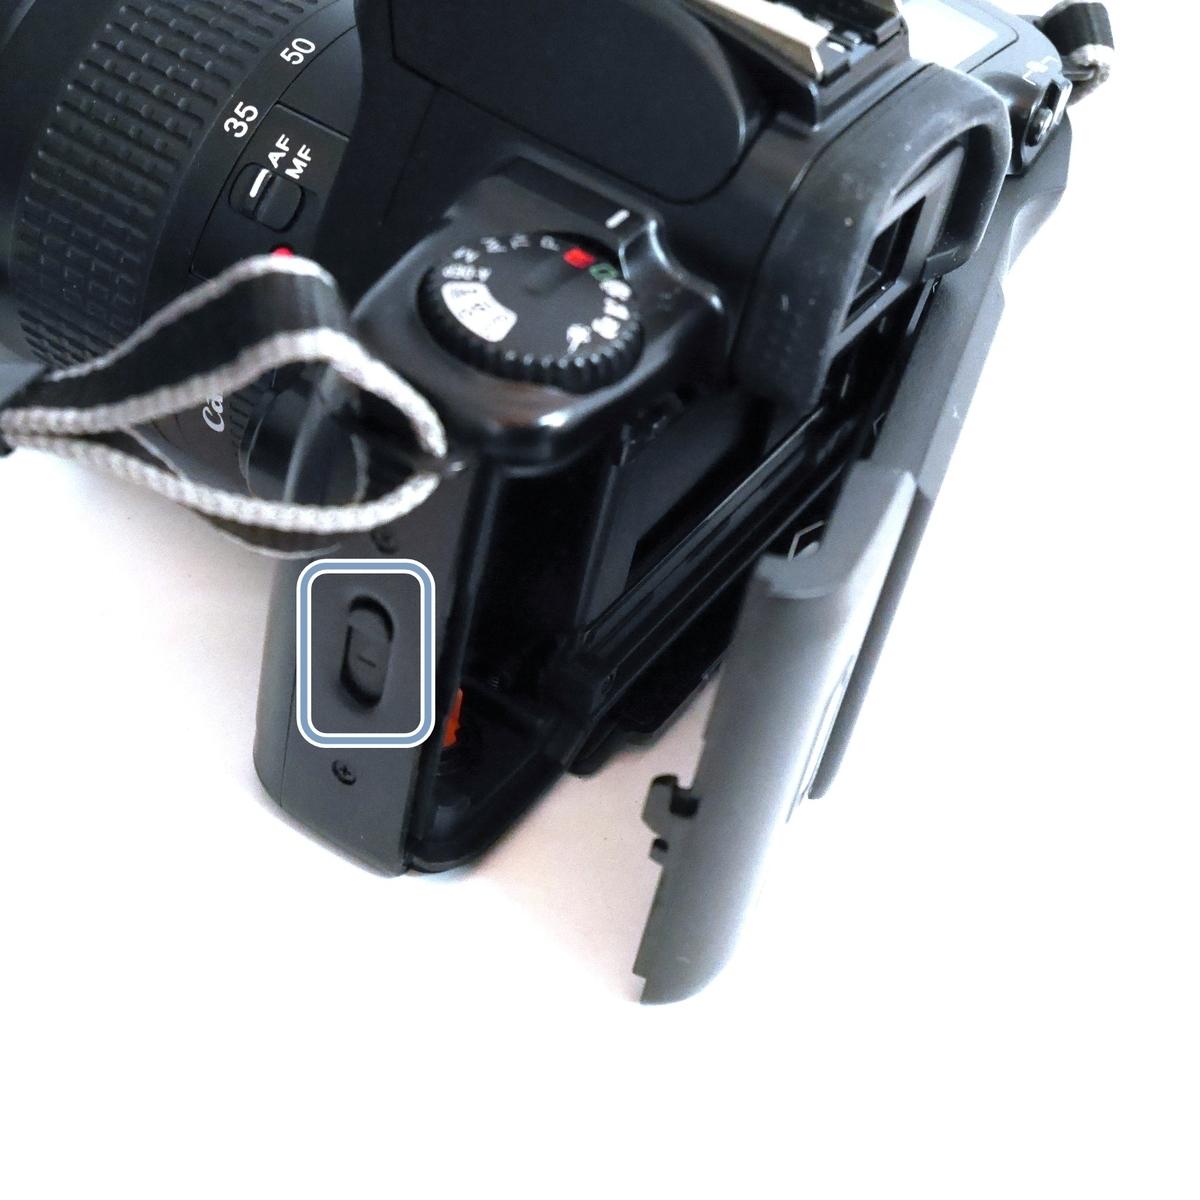 f:id:papiocamera:20210201160102j:plain